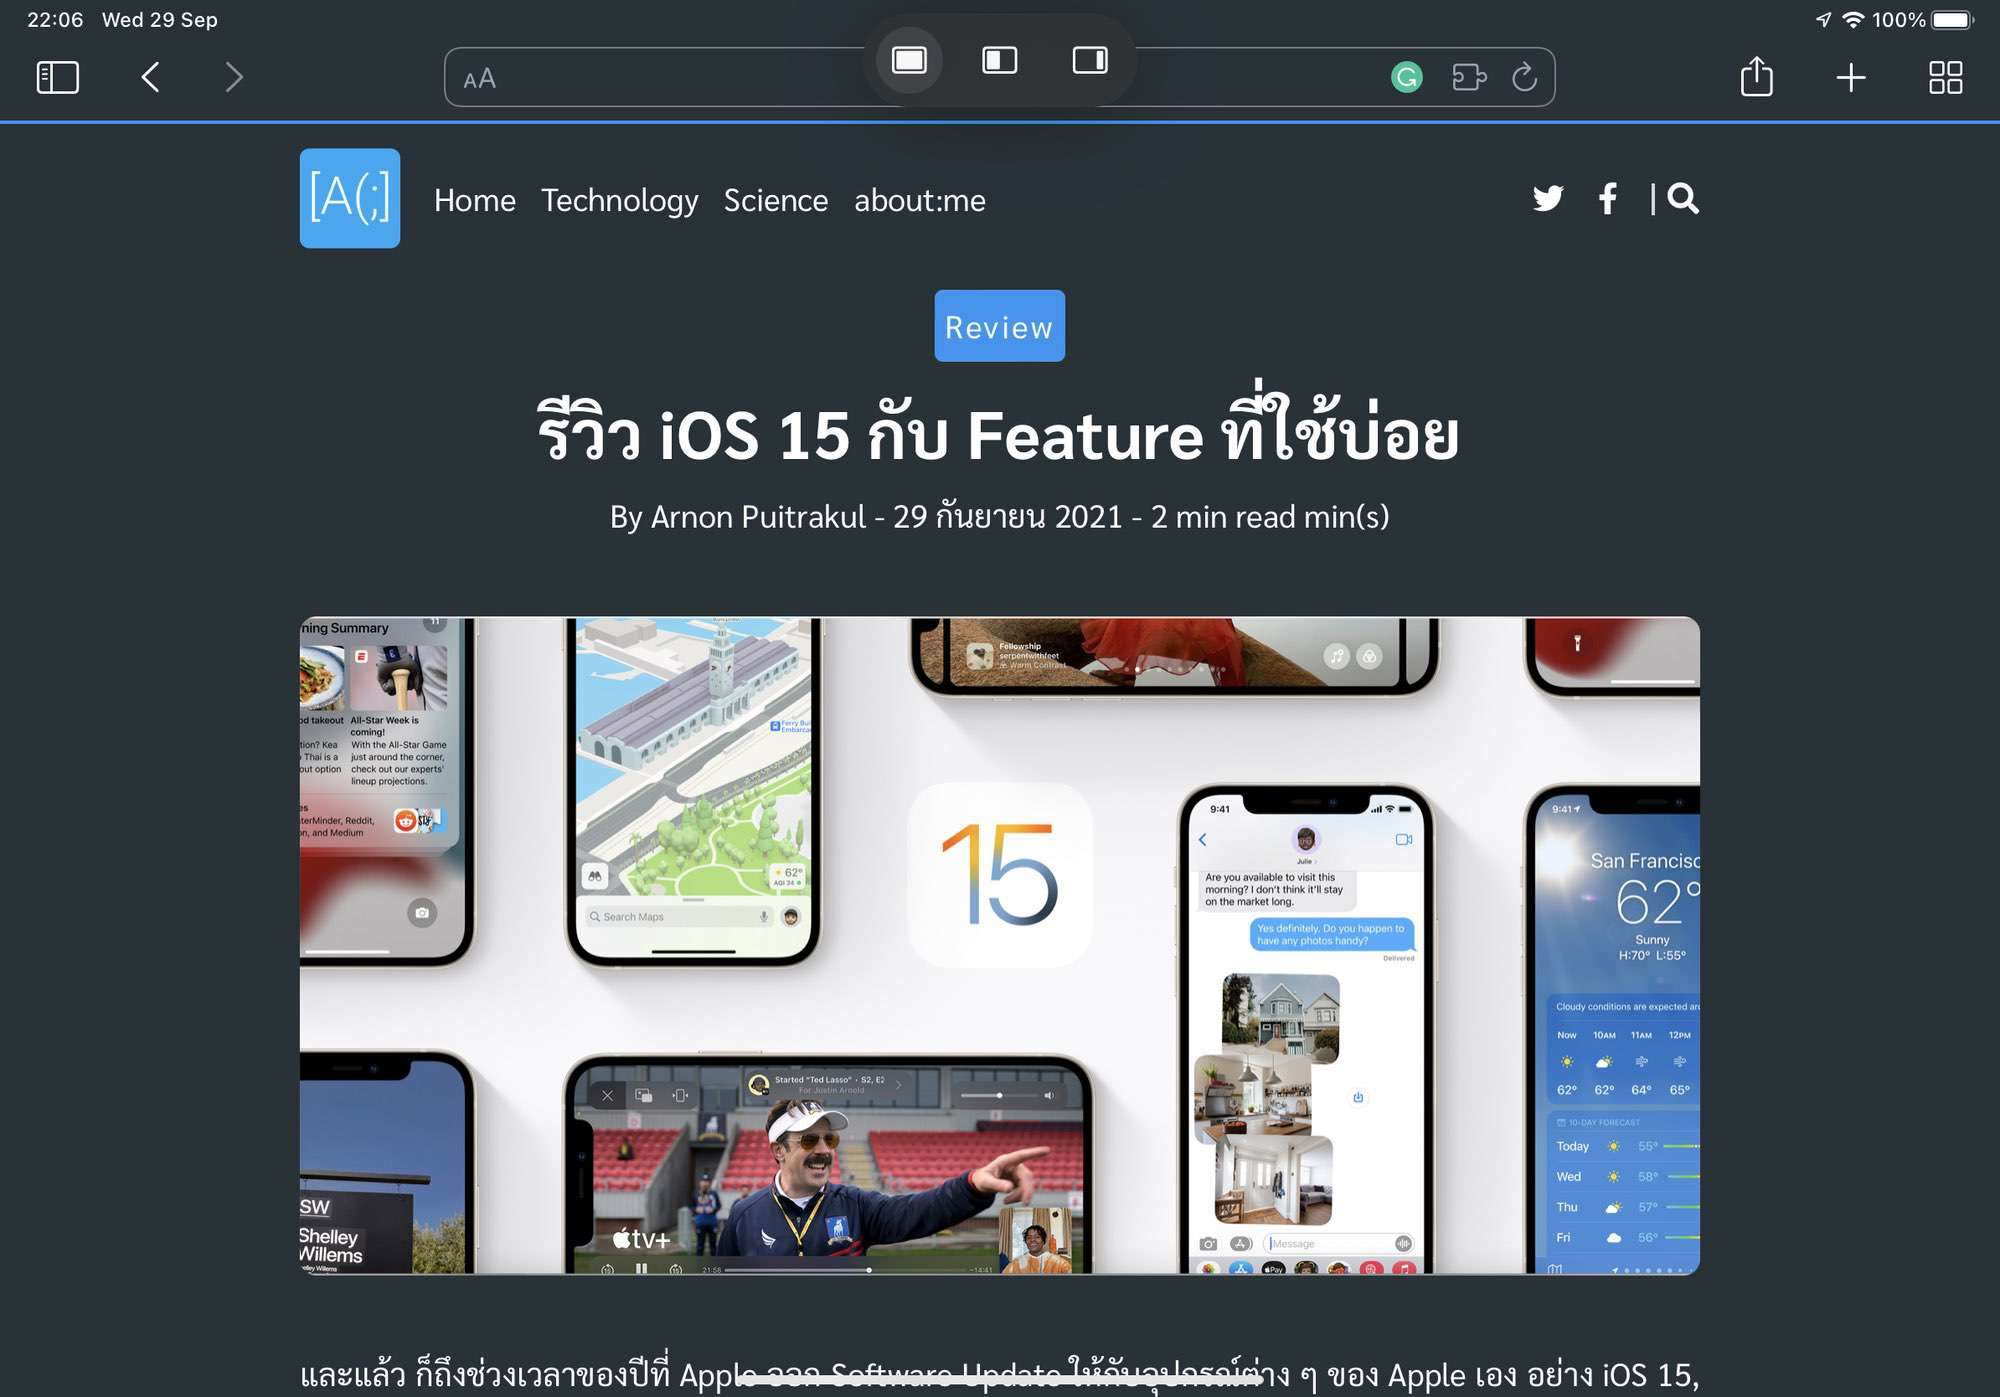 รีวิว iPadOS 15